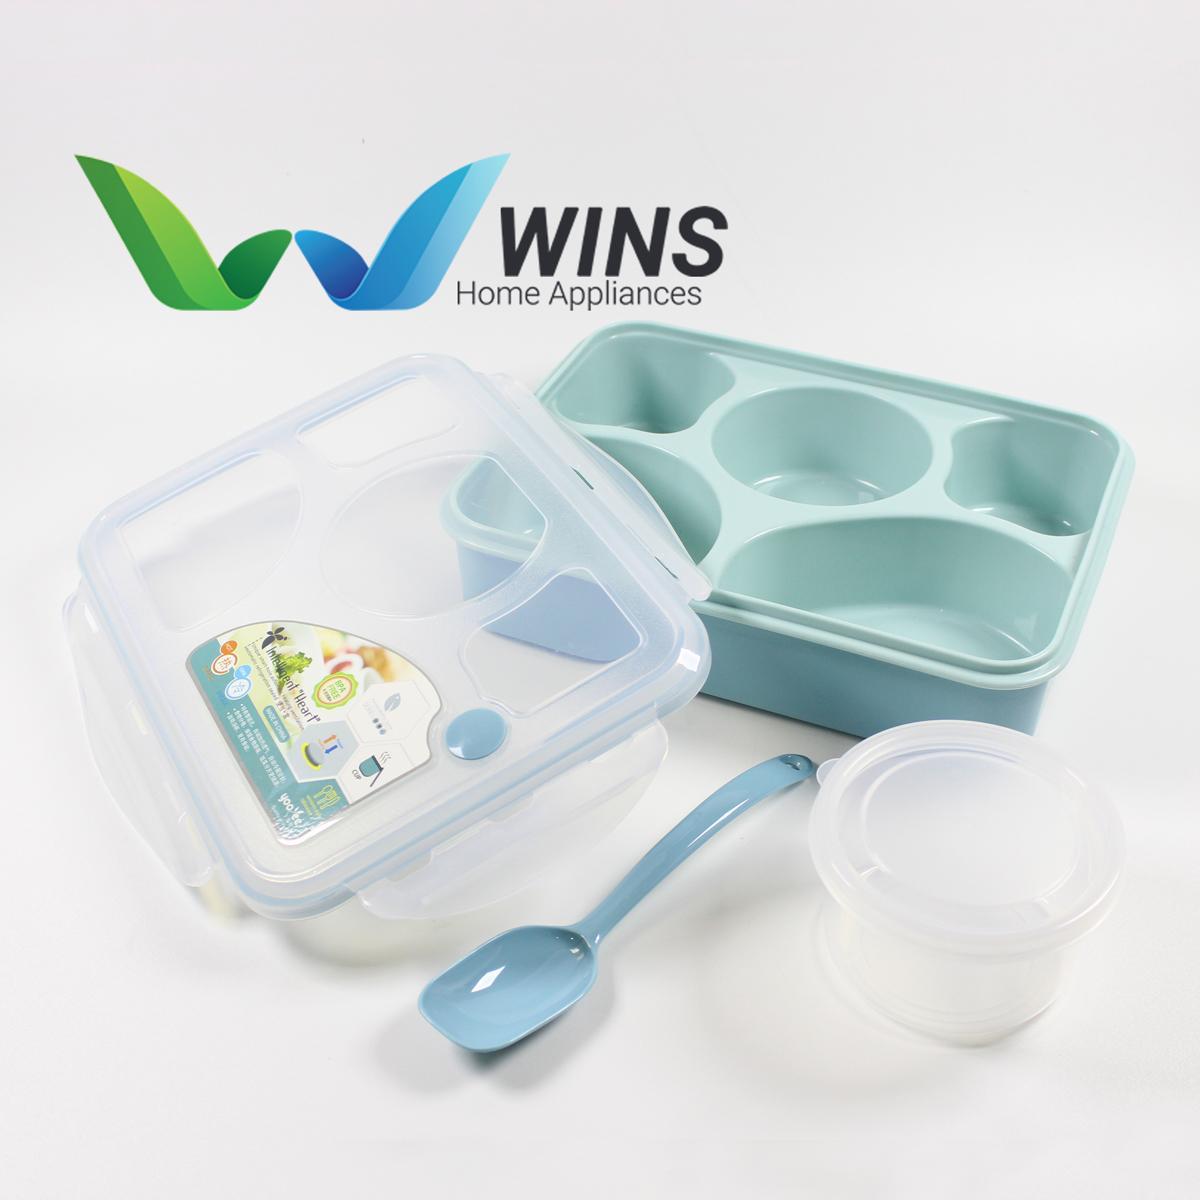 Cek Harga Baru Lunch Box 5 Sekat Yooyee 393 Kotak Bekal Makan Sup Bento Set 3